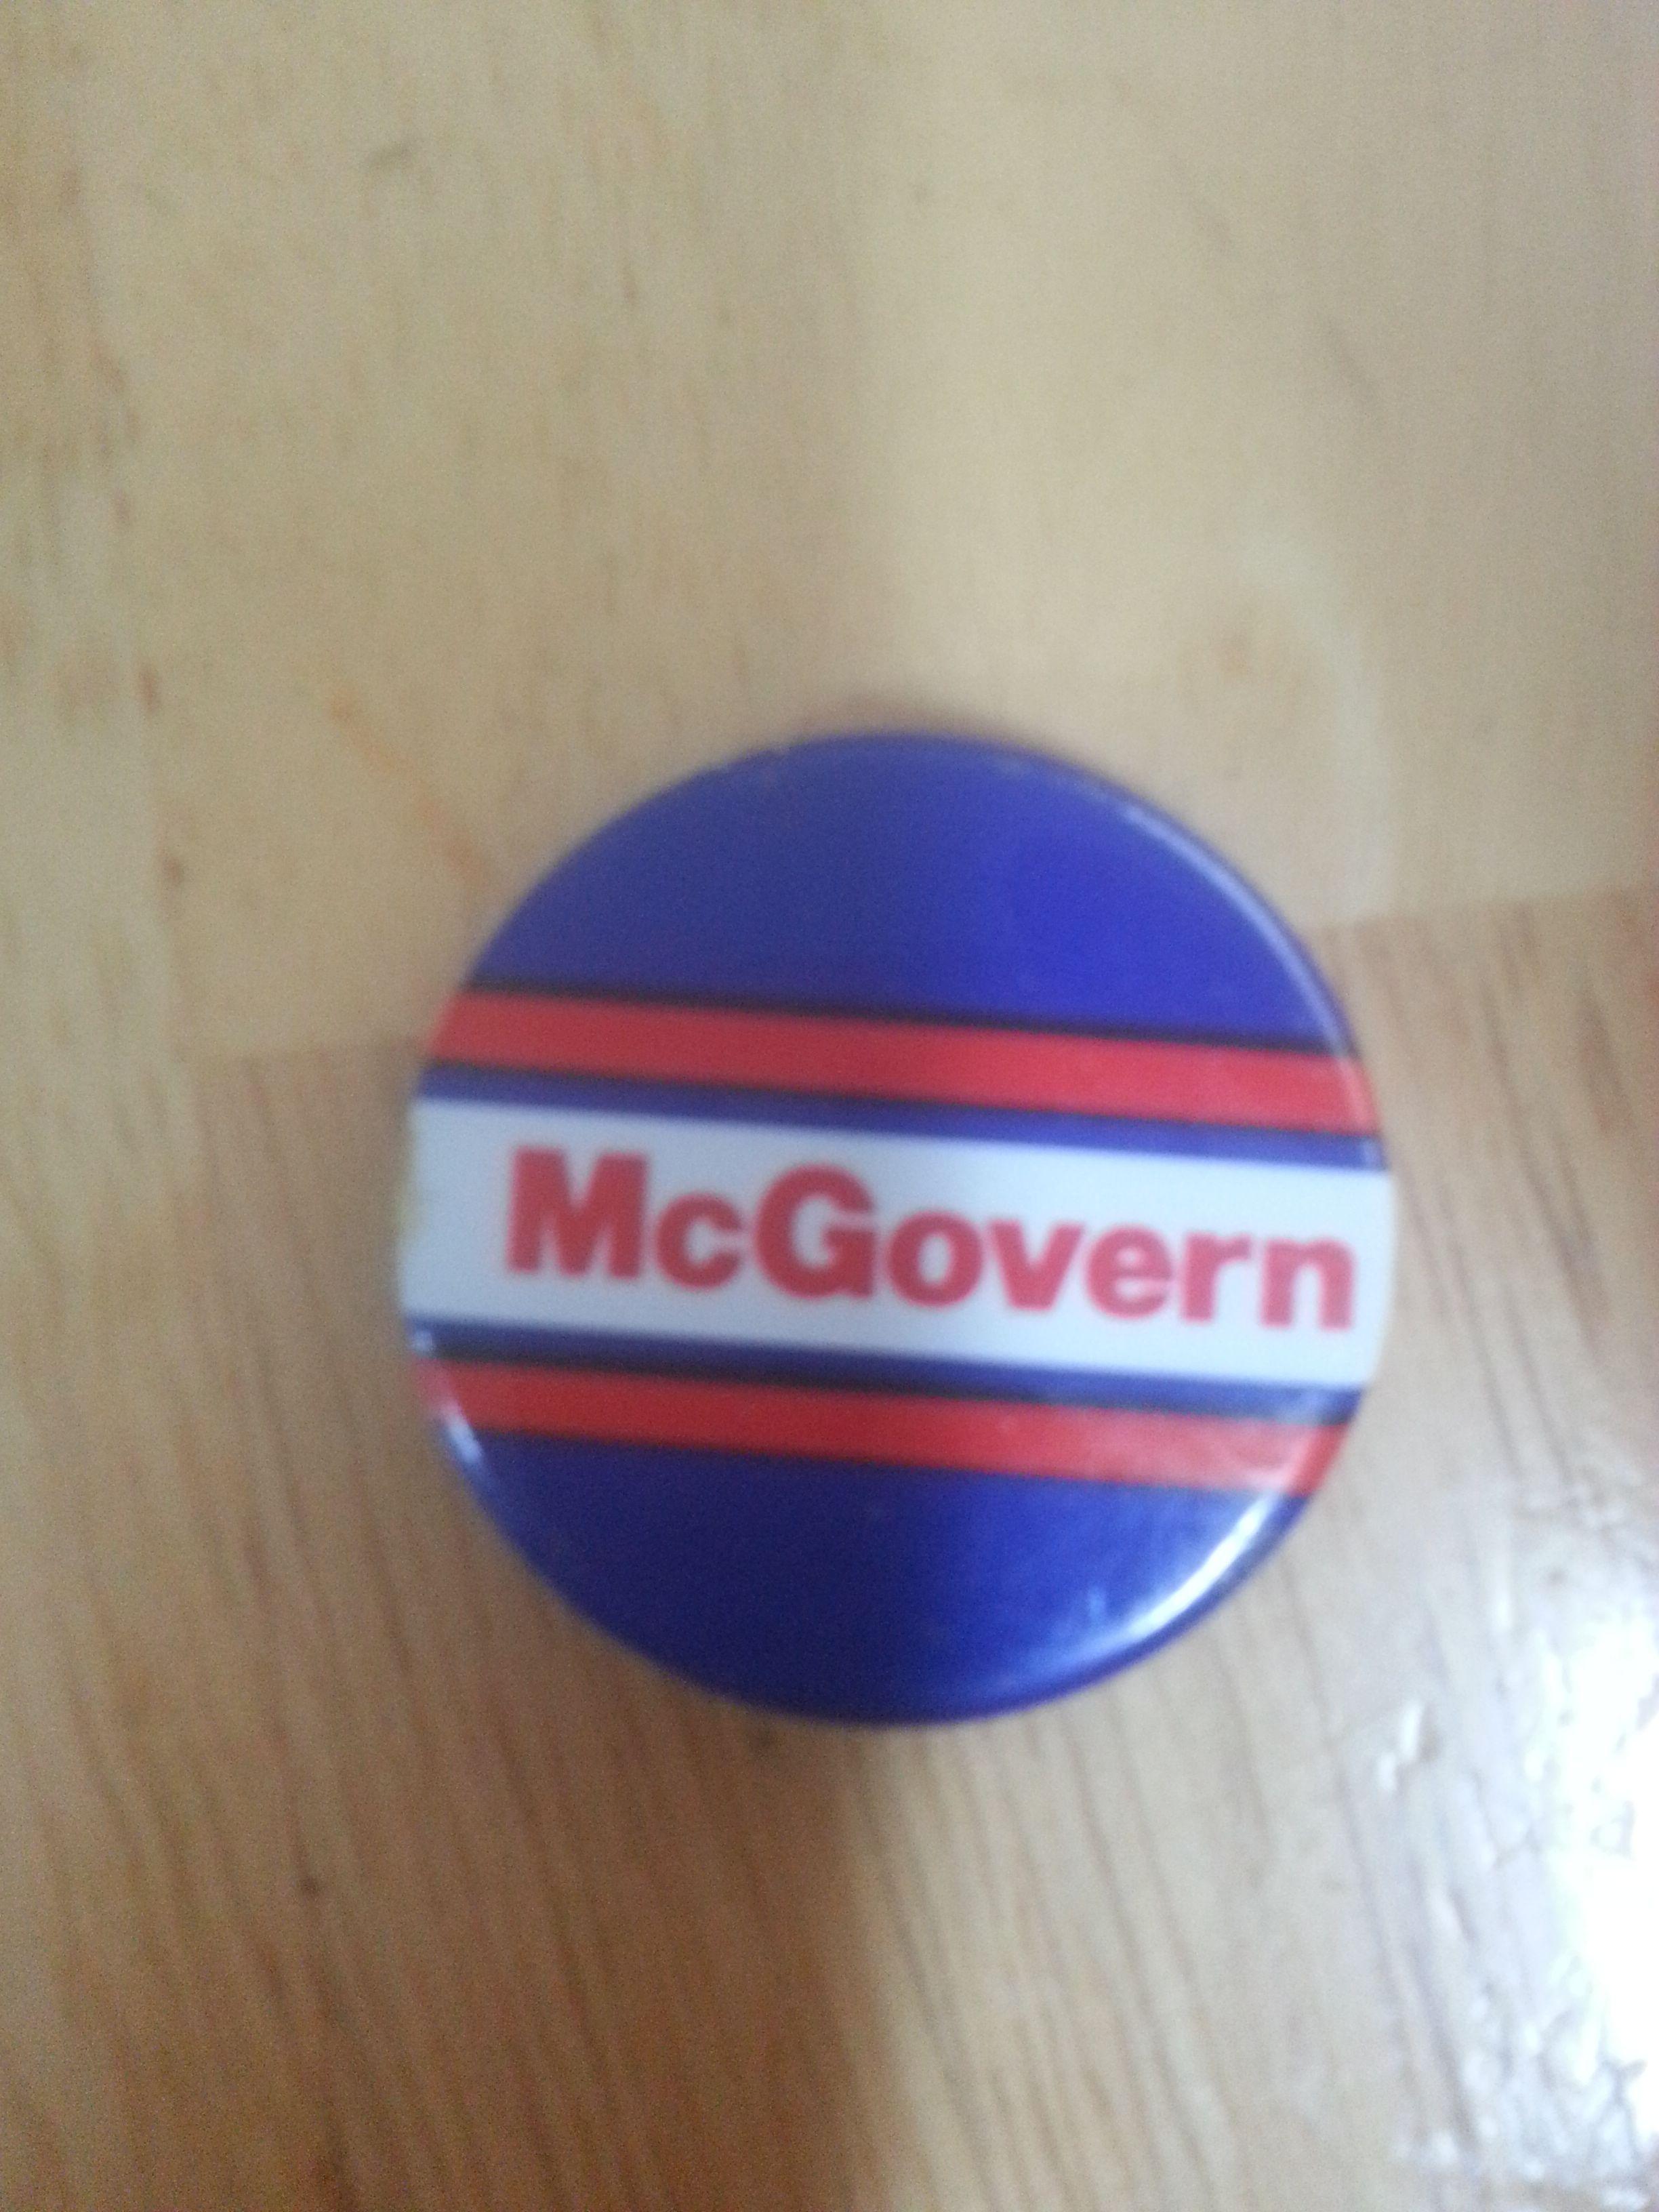 McGovern button Mcgovern, Tech logos, School logos